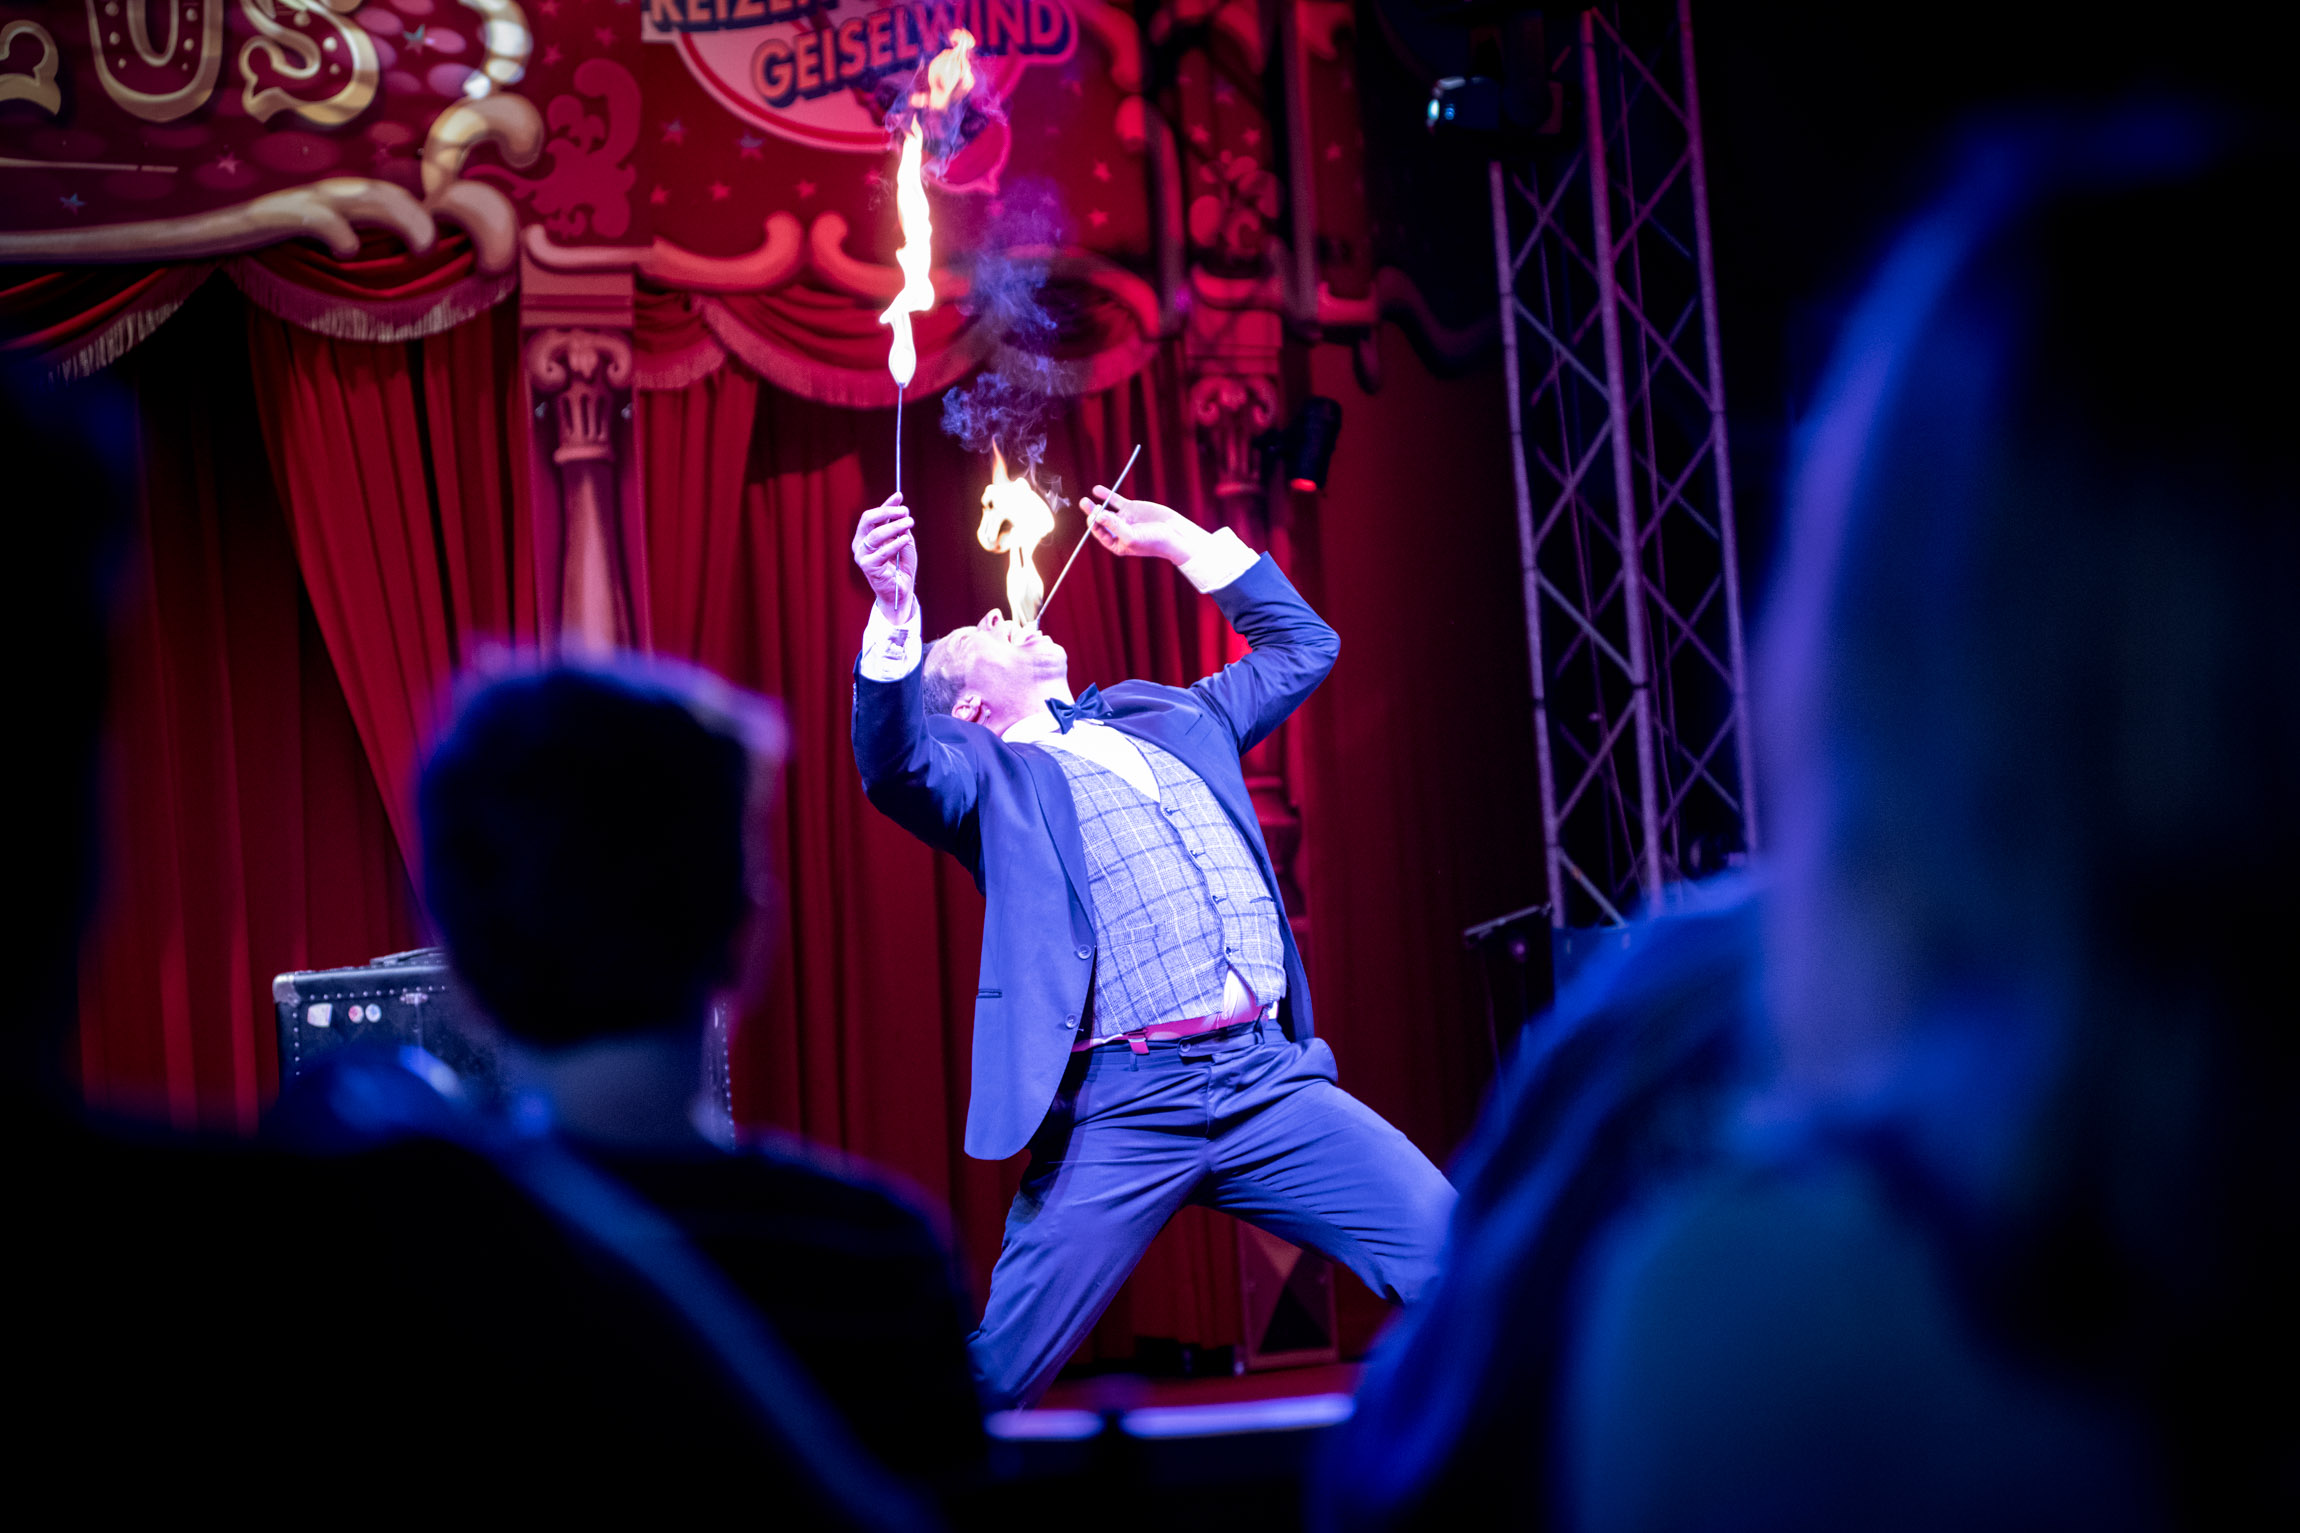 Sir Julian der Showact für Ihr Event und jeden feierlichen Anlass. Firmenfeier, Jubiläum, Gala, internationales Strassenkünstlerfestivals und Hochzeiten. Feuerjonglage, Feuerschlucken, mit Comedy Artistik . Waghalsige Akrobatik auf einem Rola Bola und das Publikum wird mitgerissen in spontaner Situationskomik. Ballonzauber rasante Jonglagen und Fingerspiele begeistern das Publikum. Die Comedyshow bringt wahre Helden auf die Bühne und entlässt sie wieder umjubelt in die Galagäste. Hier präsentiert Sir Julian seine Show im Freizeitland Geiselwild im ausverkauften Zirkuszelt. Die Zirkusshow begeistert gross und klein. Varieté und Comedy in einer Show.